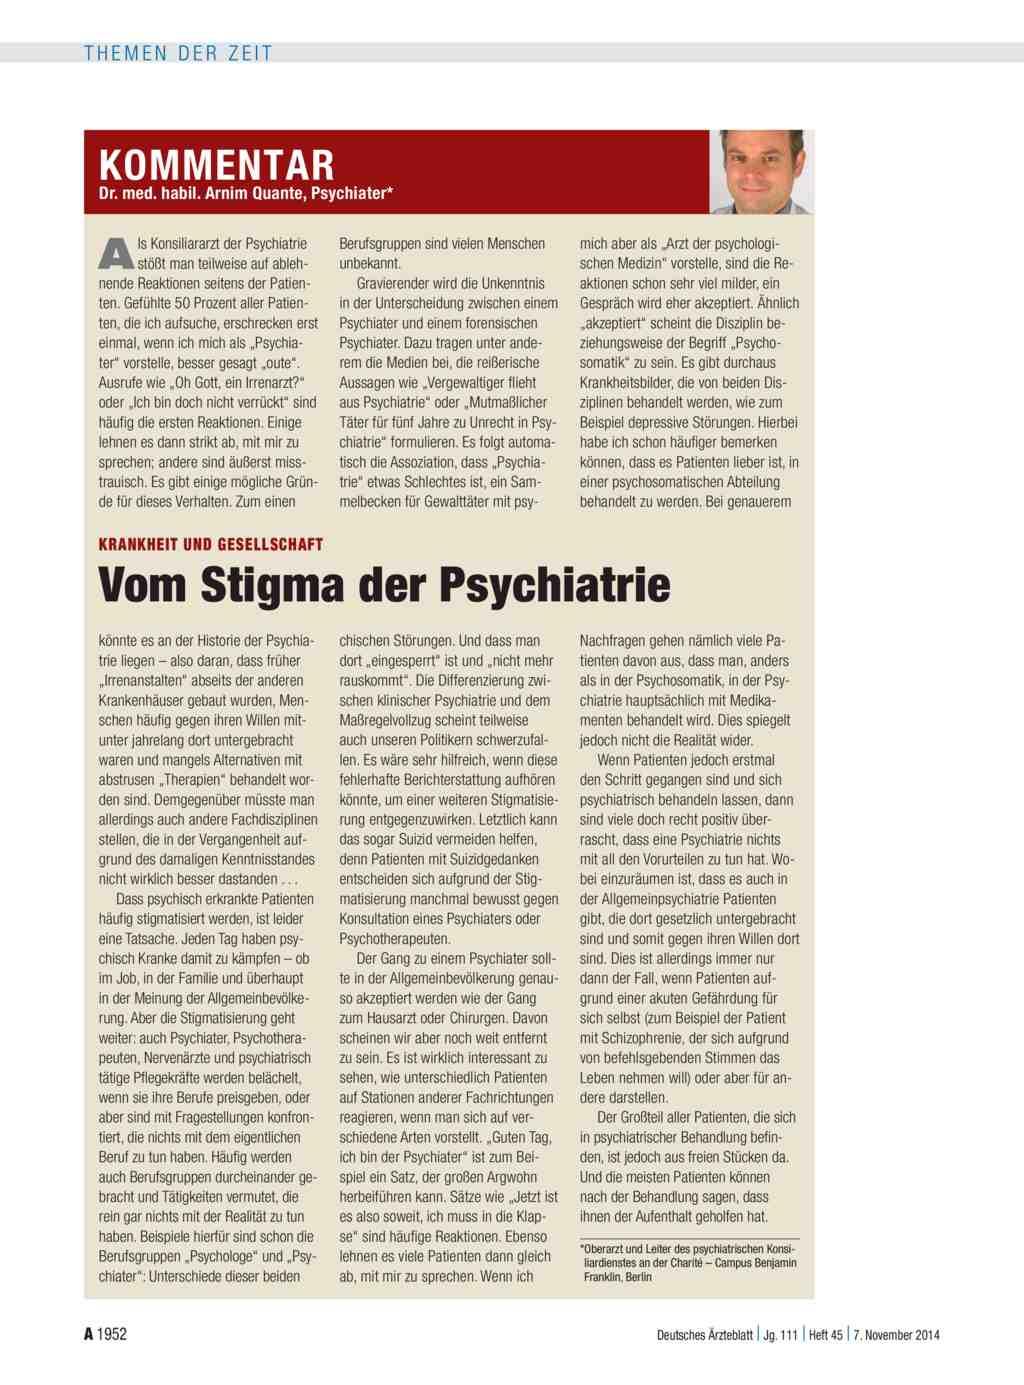 Krankheit und Gesellschaft: Vom Stigma der Psychiatrie